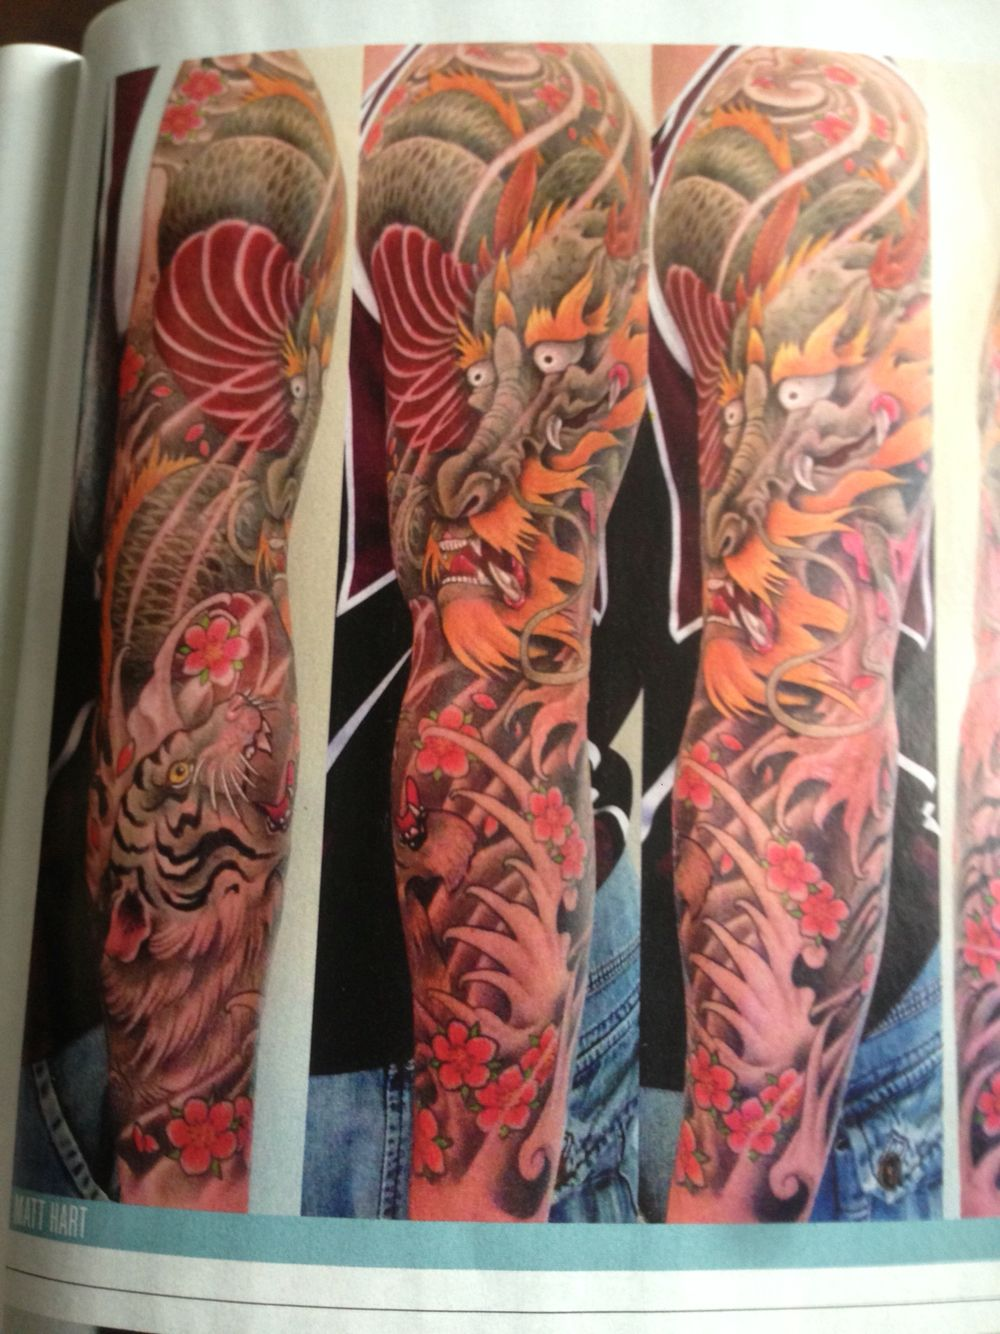 Sik Japanese tattoo | Sleeve tattoos | Pinterest | Japanese tattoos ...